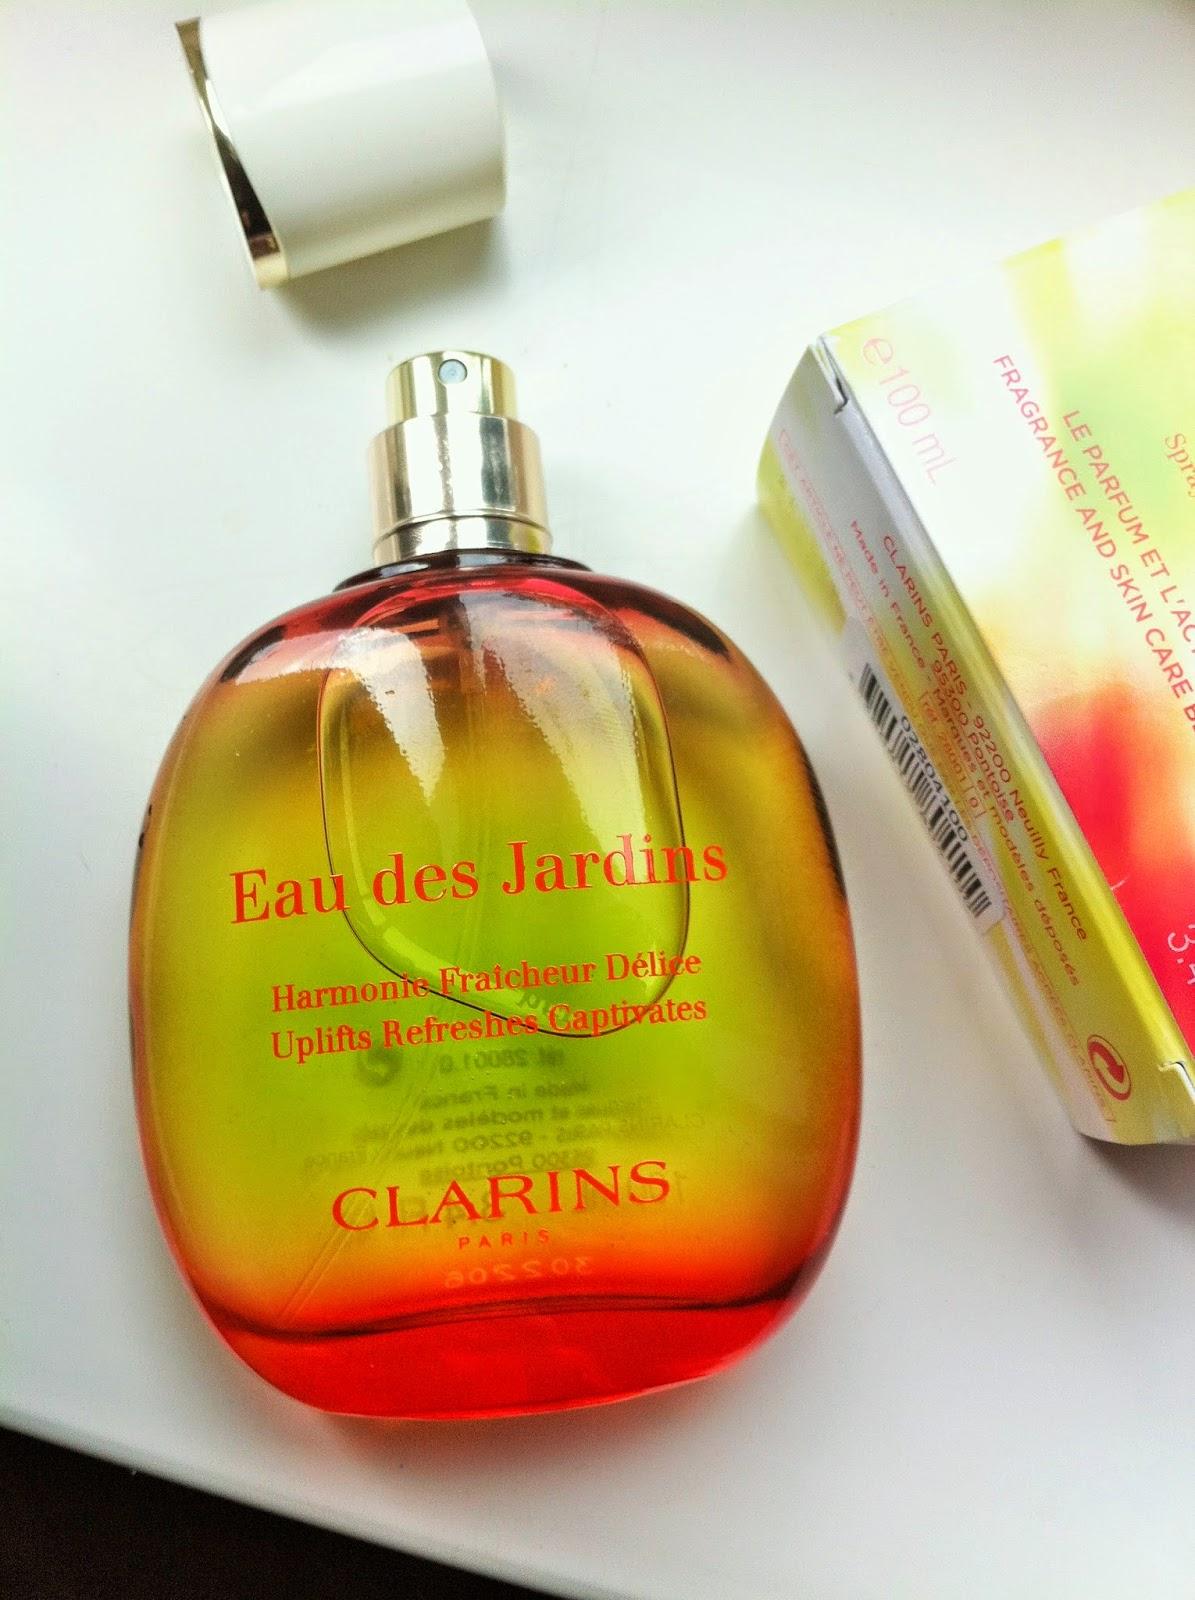 Bows And Pearls: Review | Clarins Eau Des Jardins* à Eau De Jardin Clarins